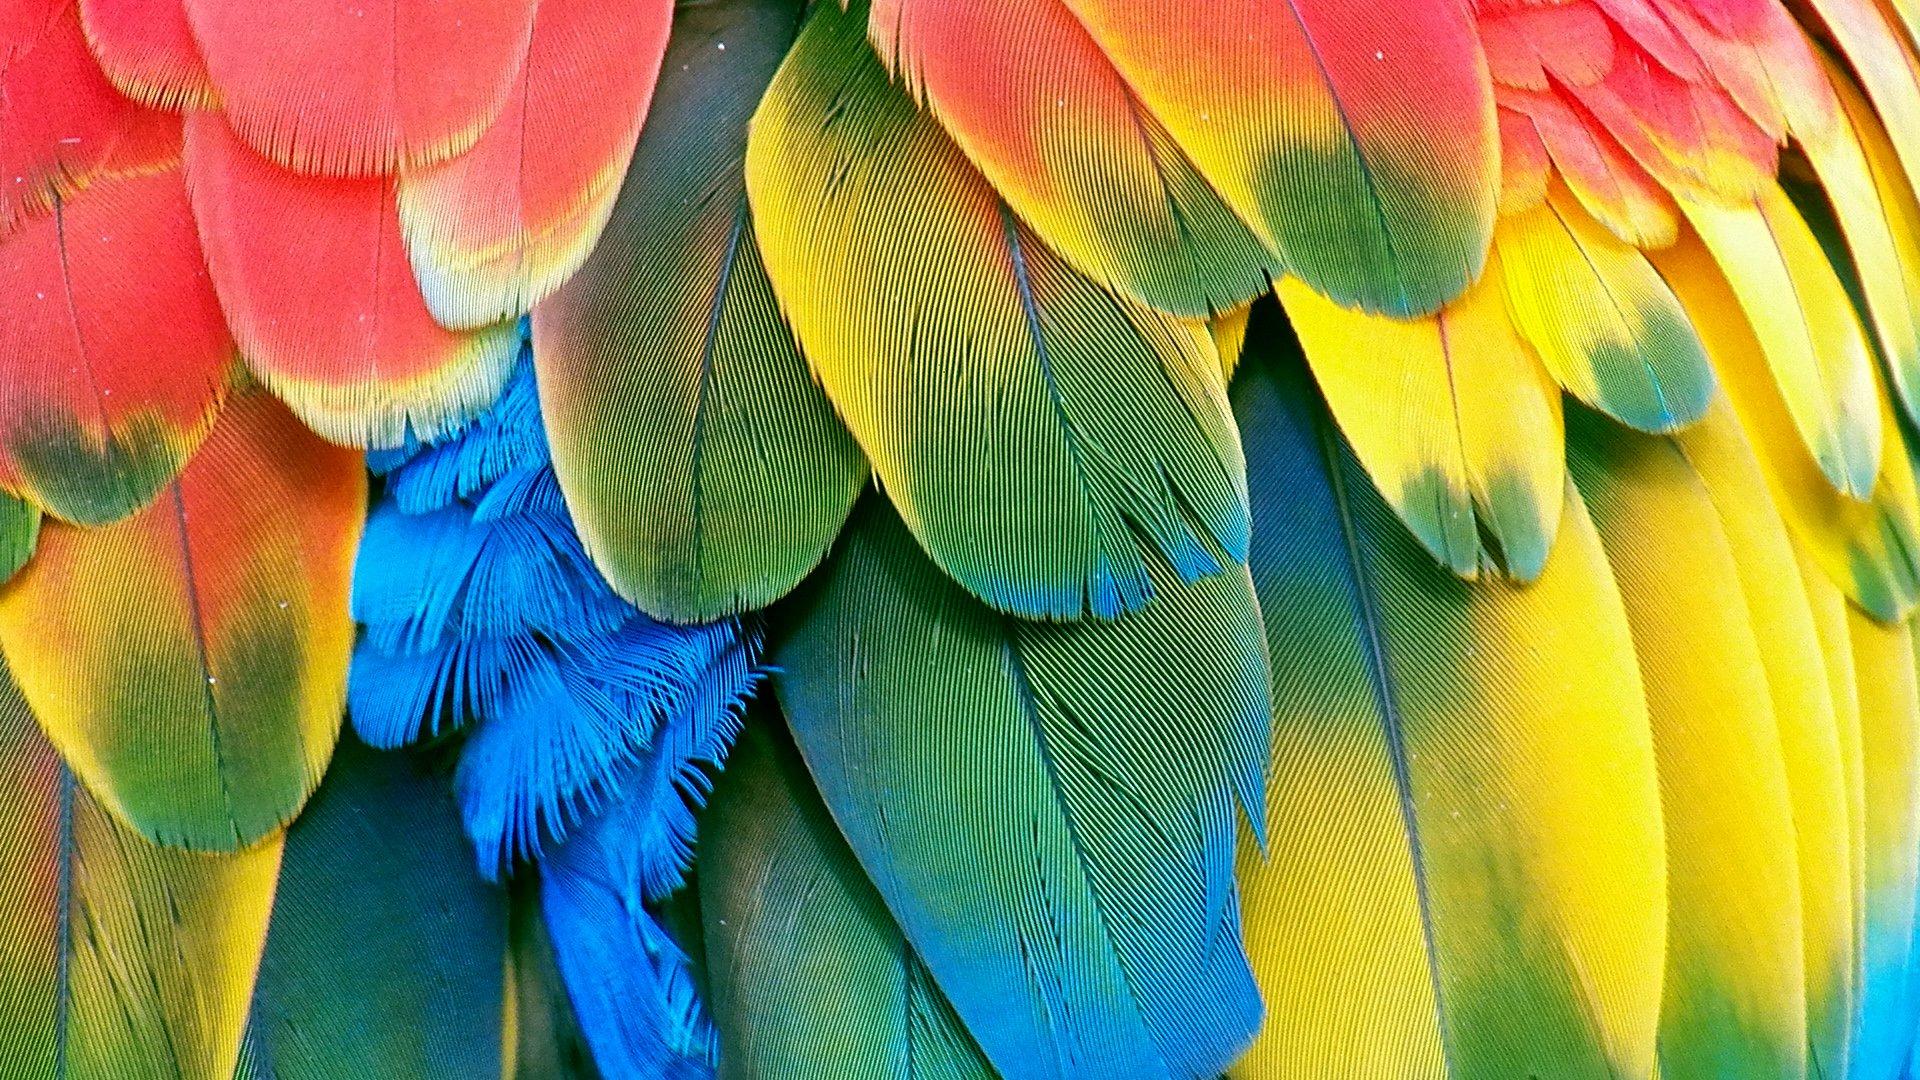 Macaw parrot bird tropical (93) wallpaper | 1920x1080 ...